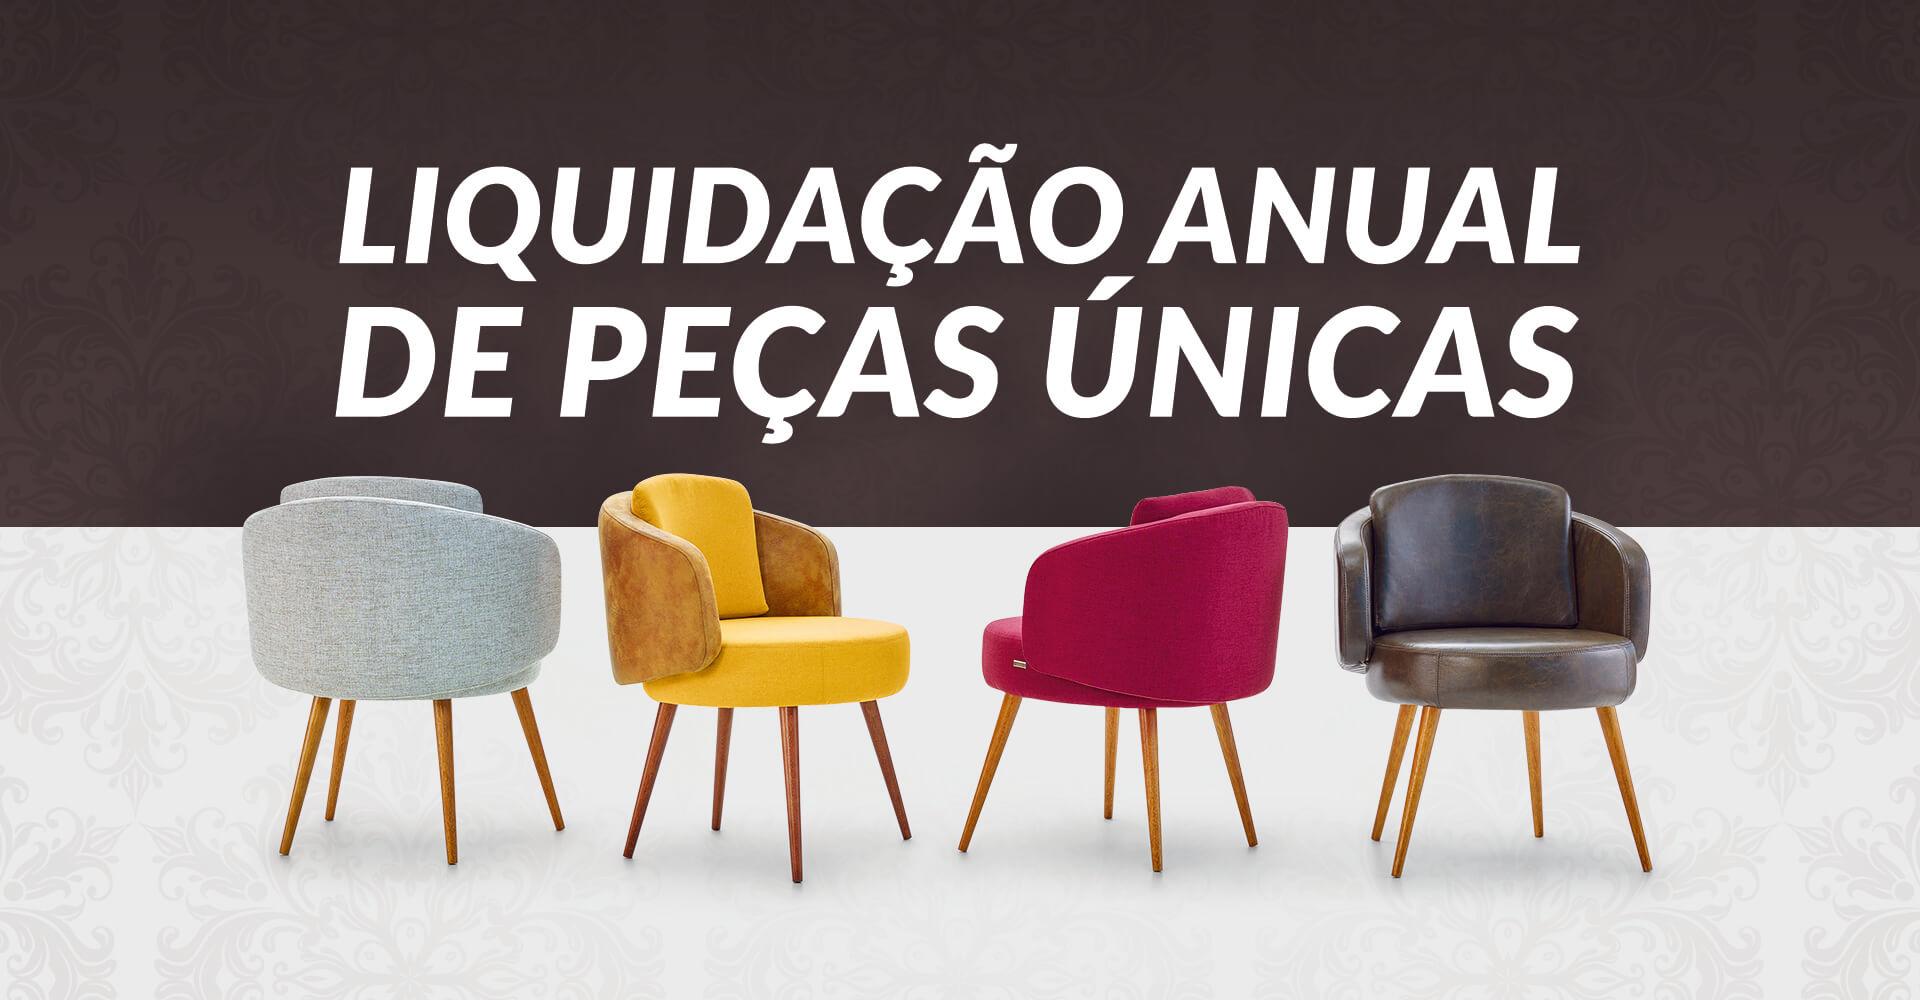 Cenário Móveis - A loja mais completa em móveis finos e de luxo em Goiânia e Brasília